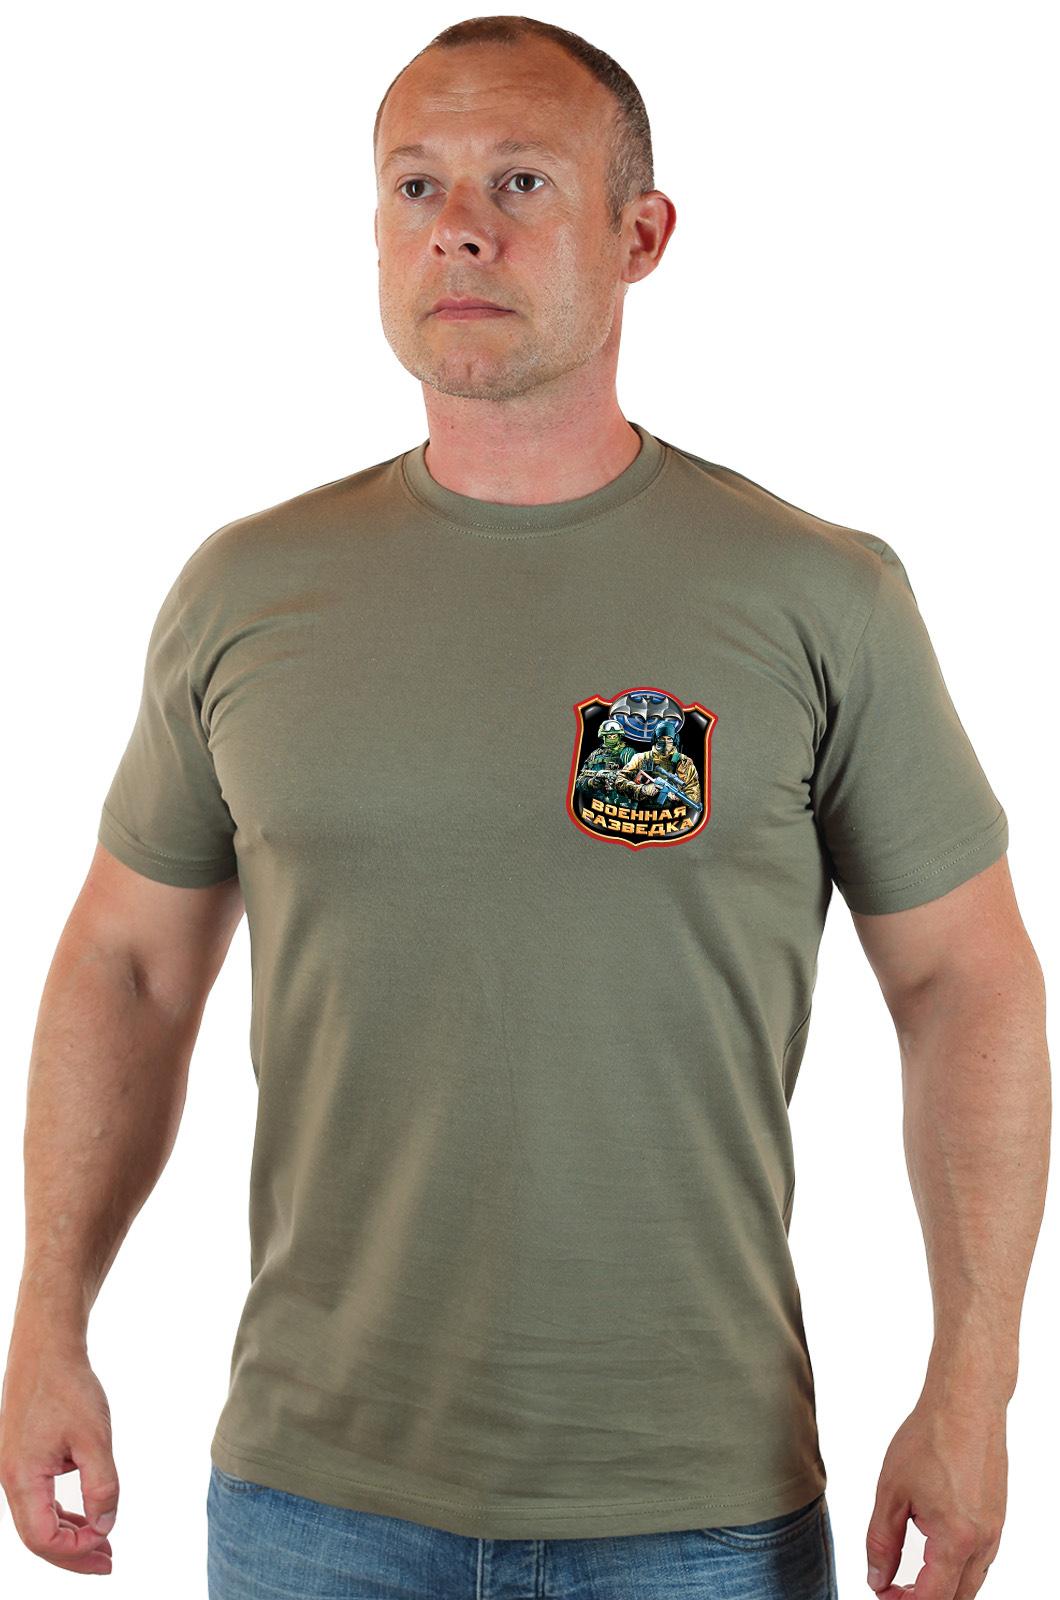 Заказать безупречную футболку для разведчика по привлекательной цене